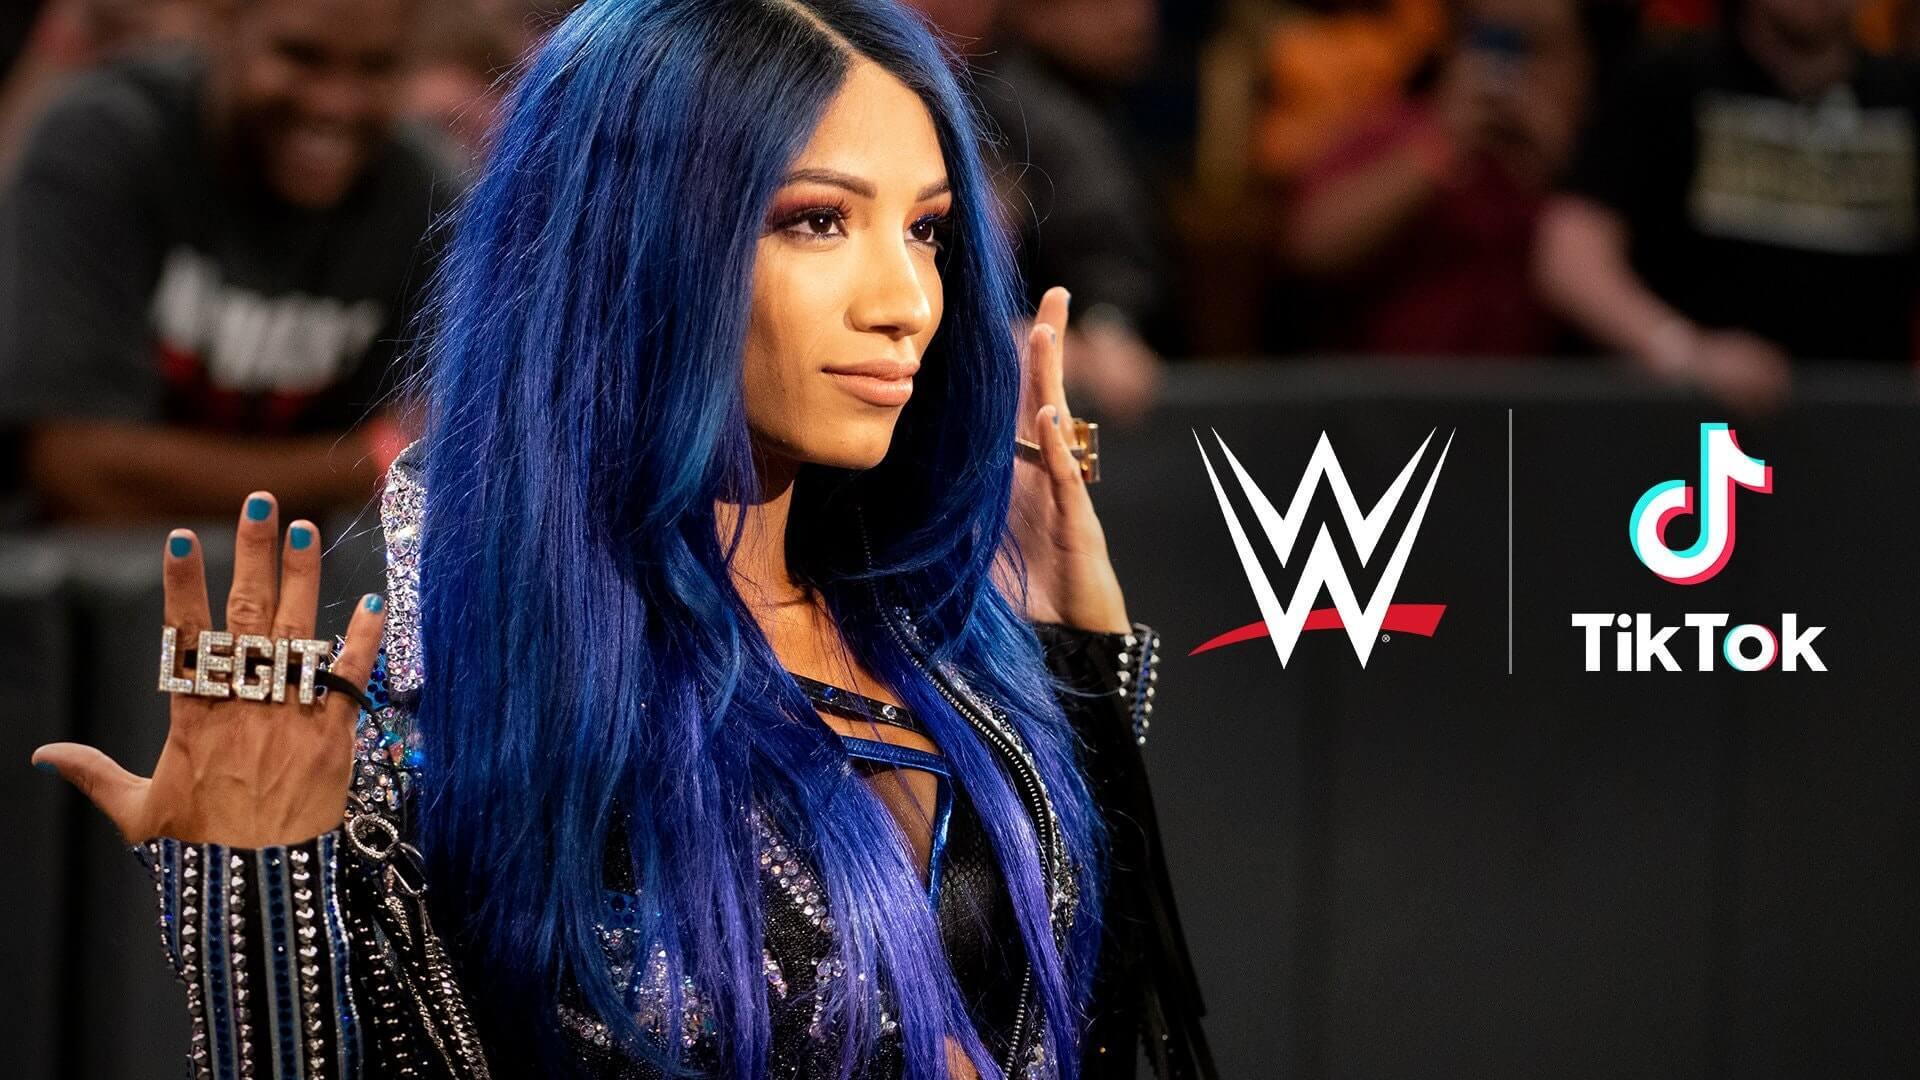 WWE on TikTok